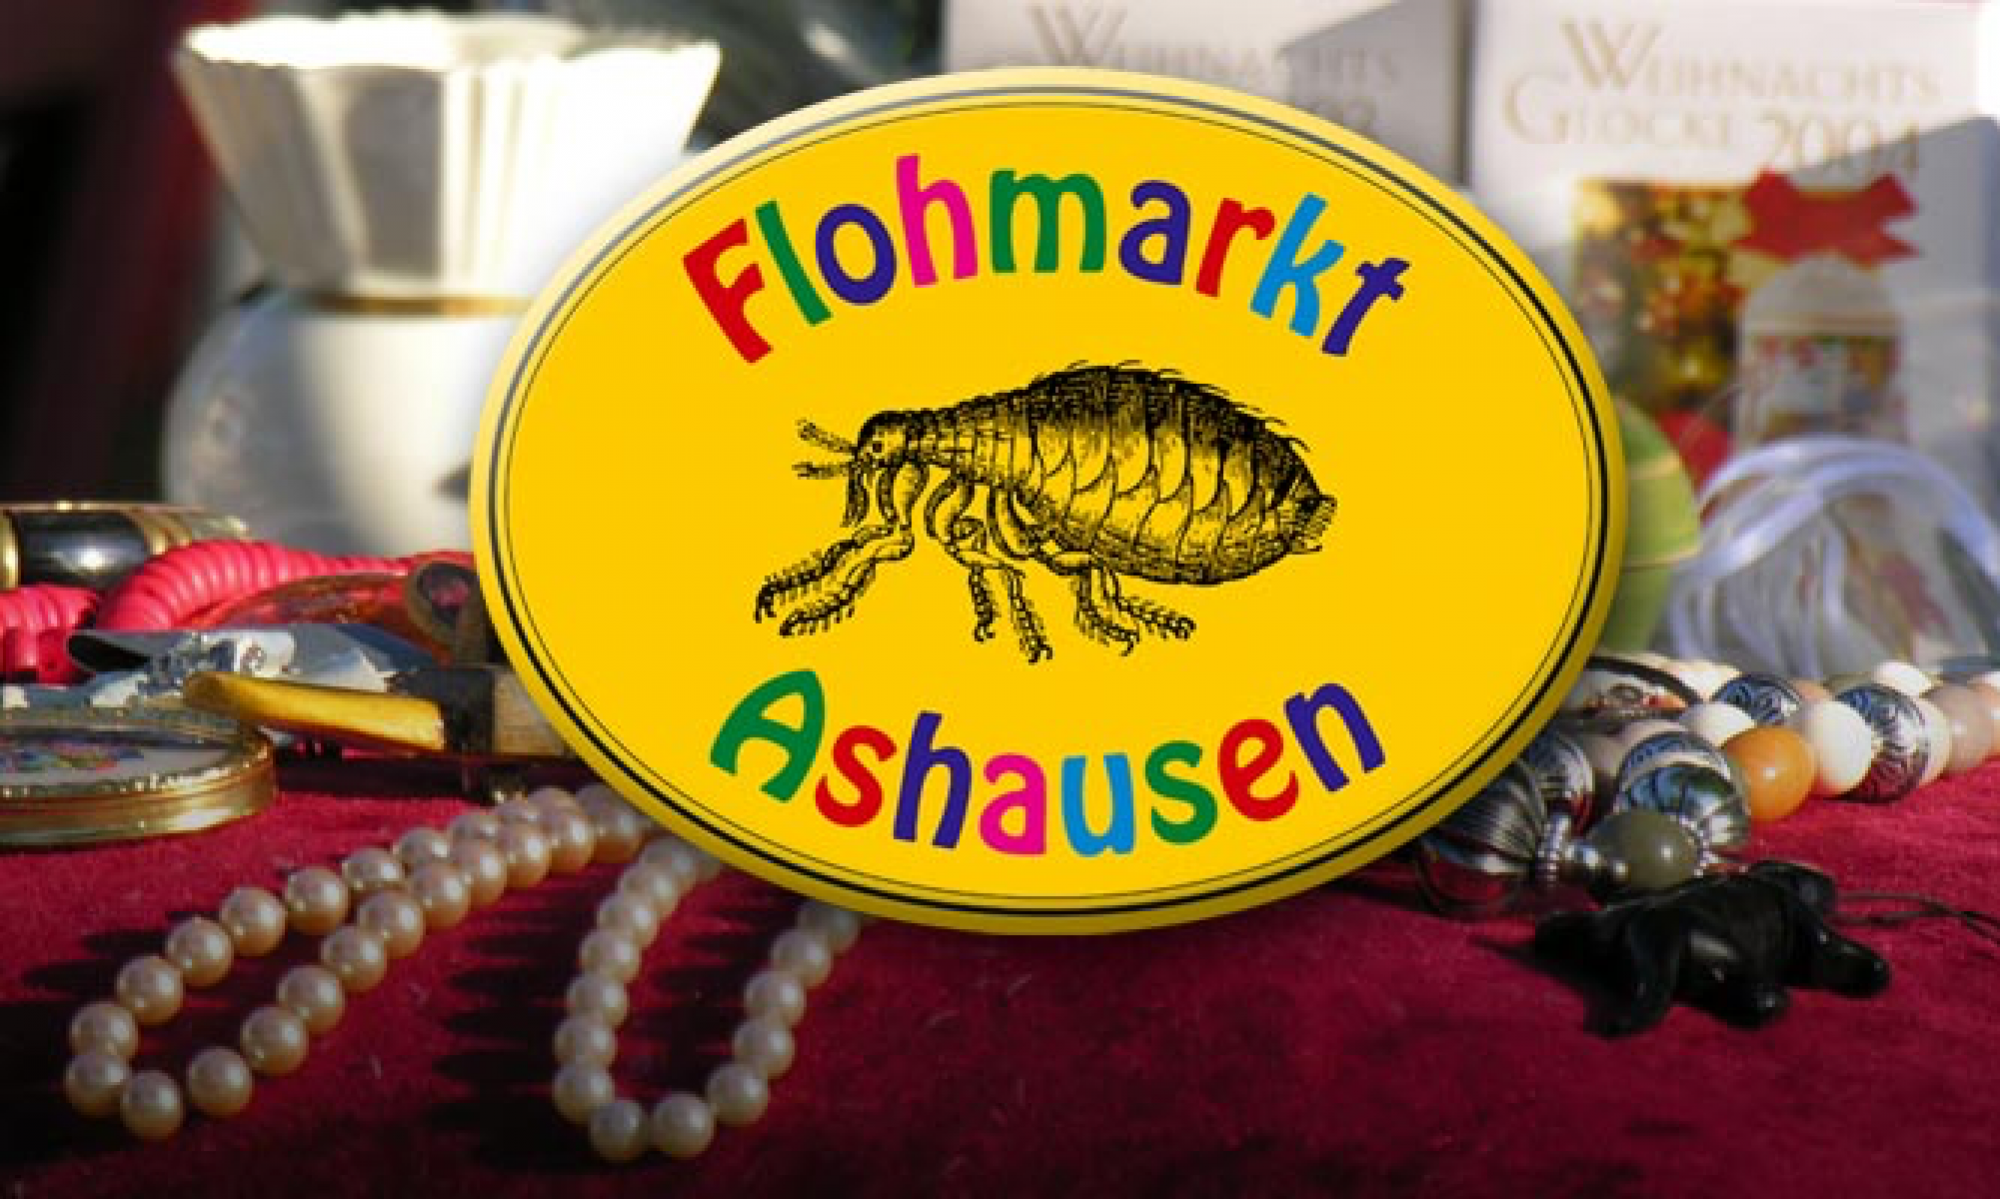 Flohmarkt Ashausen